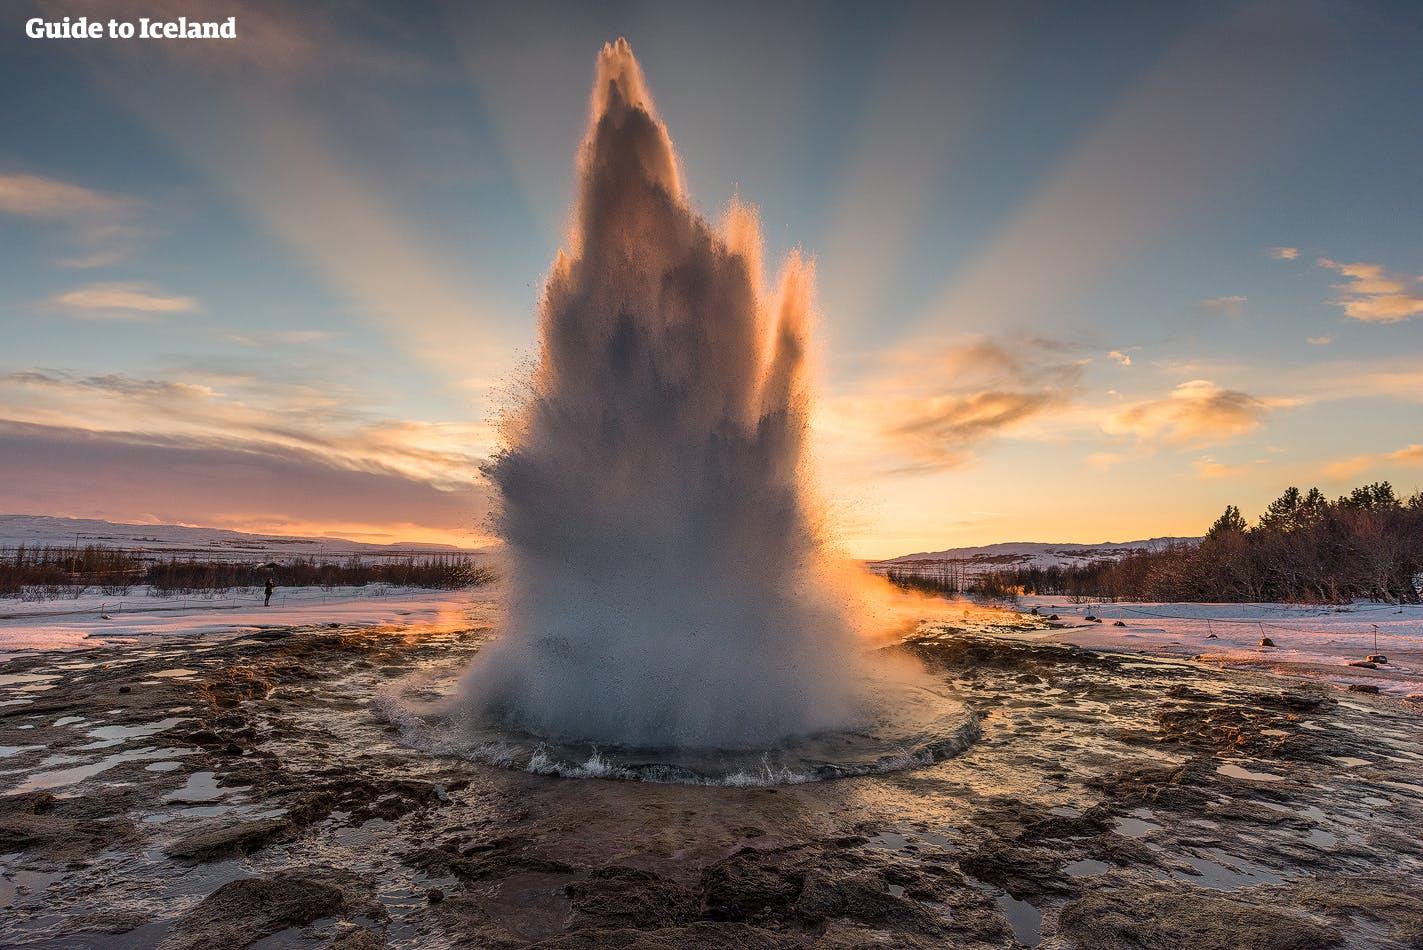 9-дневный зимний пакетный тур| Вокруг Исландии на микроавтобусе - day 2